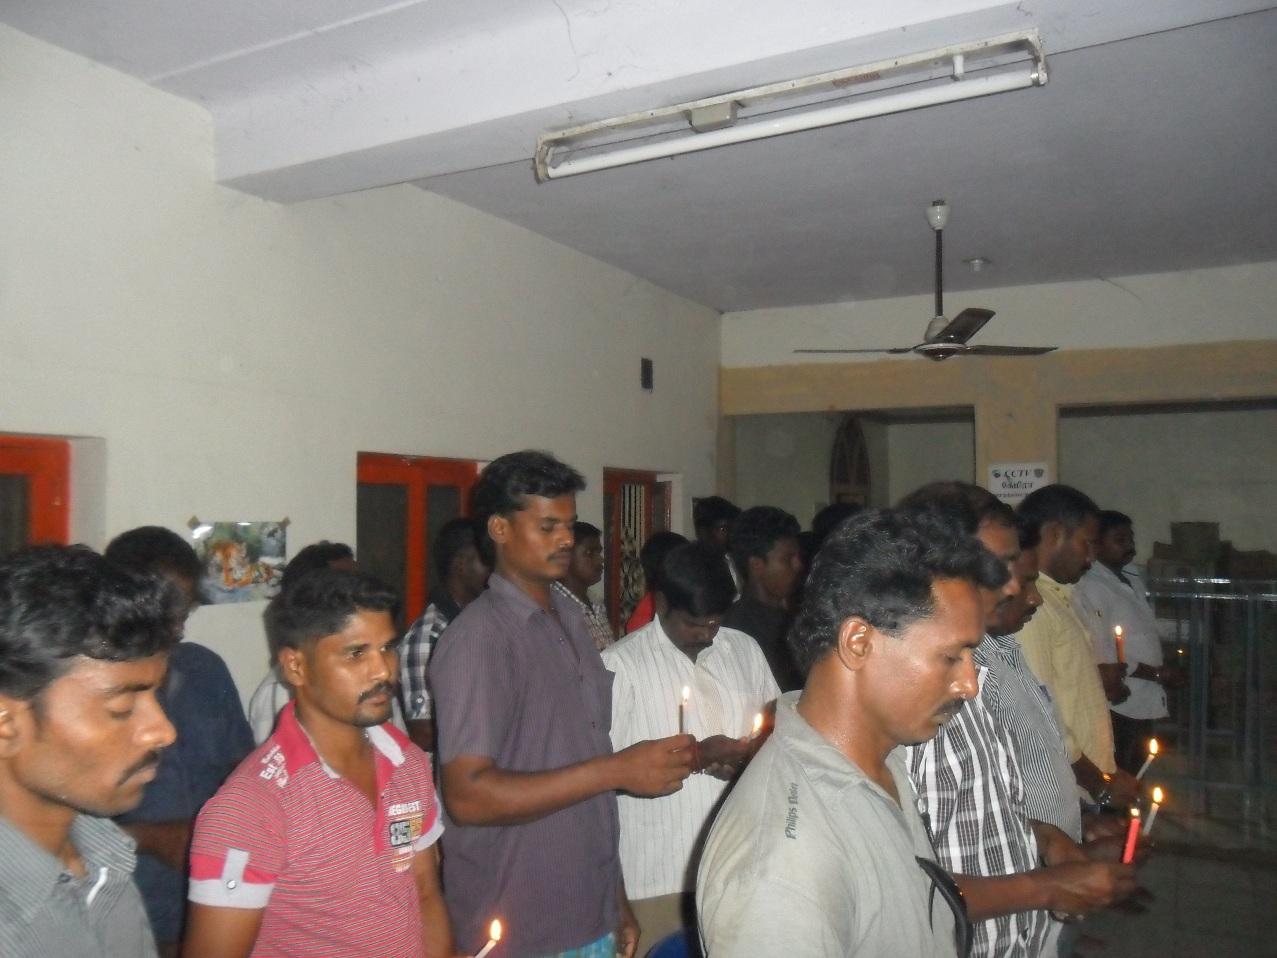 கடலூர் மாவட்ட நாம் தமிழர் கட்சி சார்பில் மாவீரர் நாள் SAM 2555